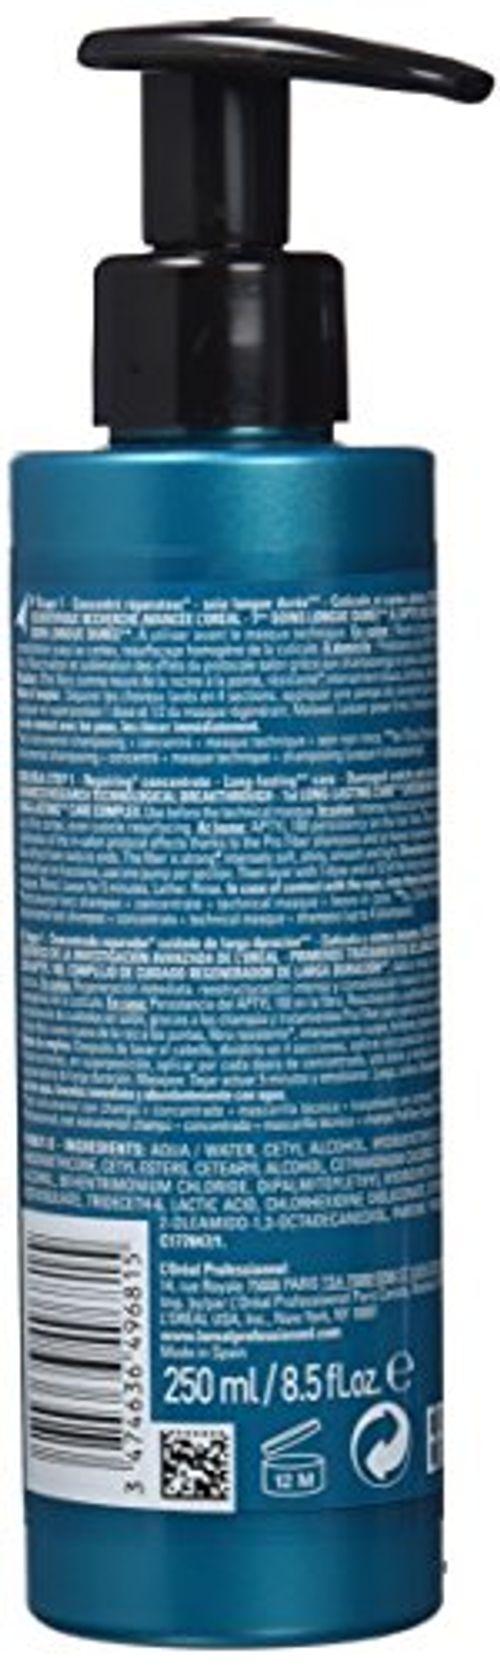 photo Wallpaper of L'Oreal Paris-L'Oréal Pro Fiber Restore Concentrado Capilar Restaurador   250 Gr-